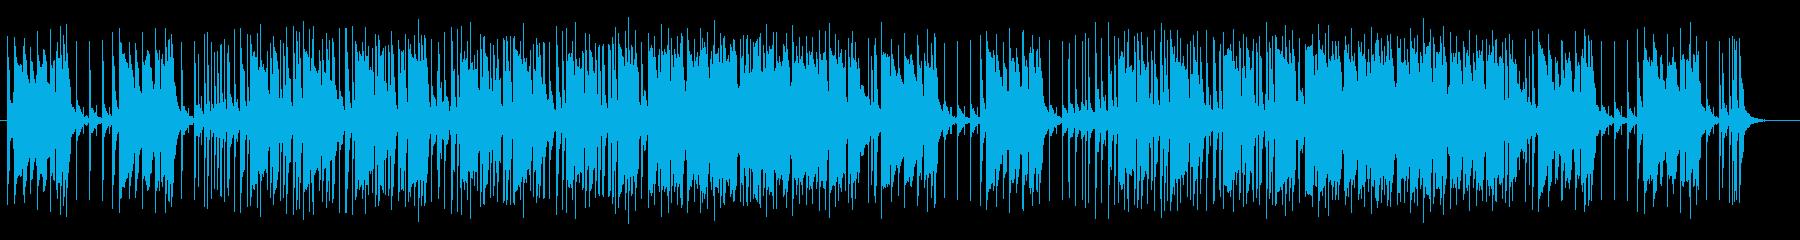 電子ピアノとドラムのパワフルなロックの再生済みの波形